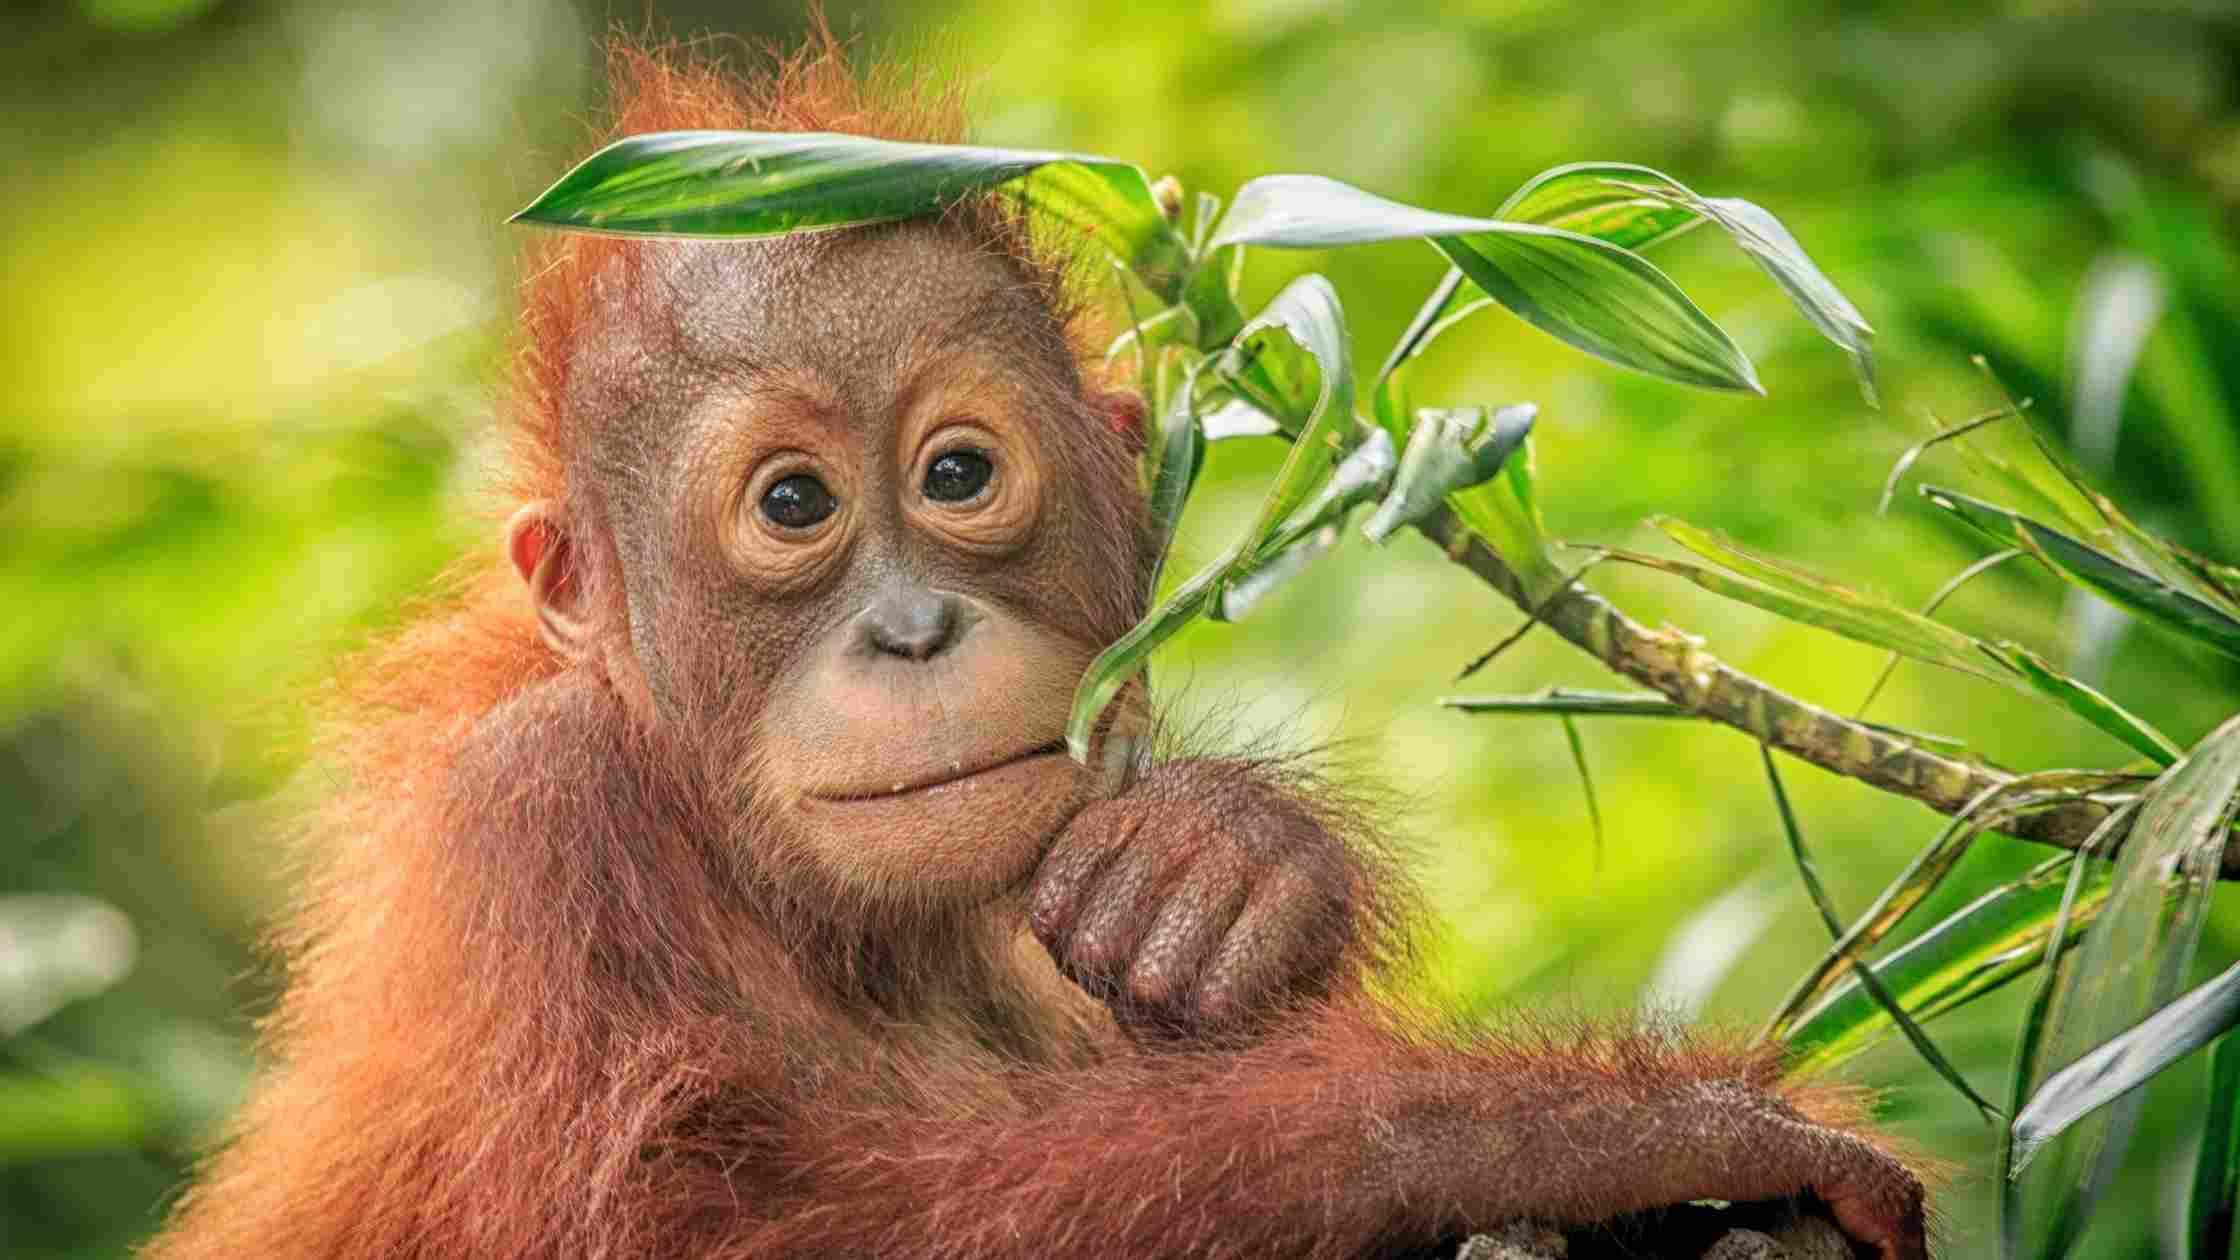 Pridobivanje palmovega olja - nevarnost za naravo, živali in tudi nas